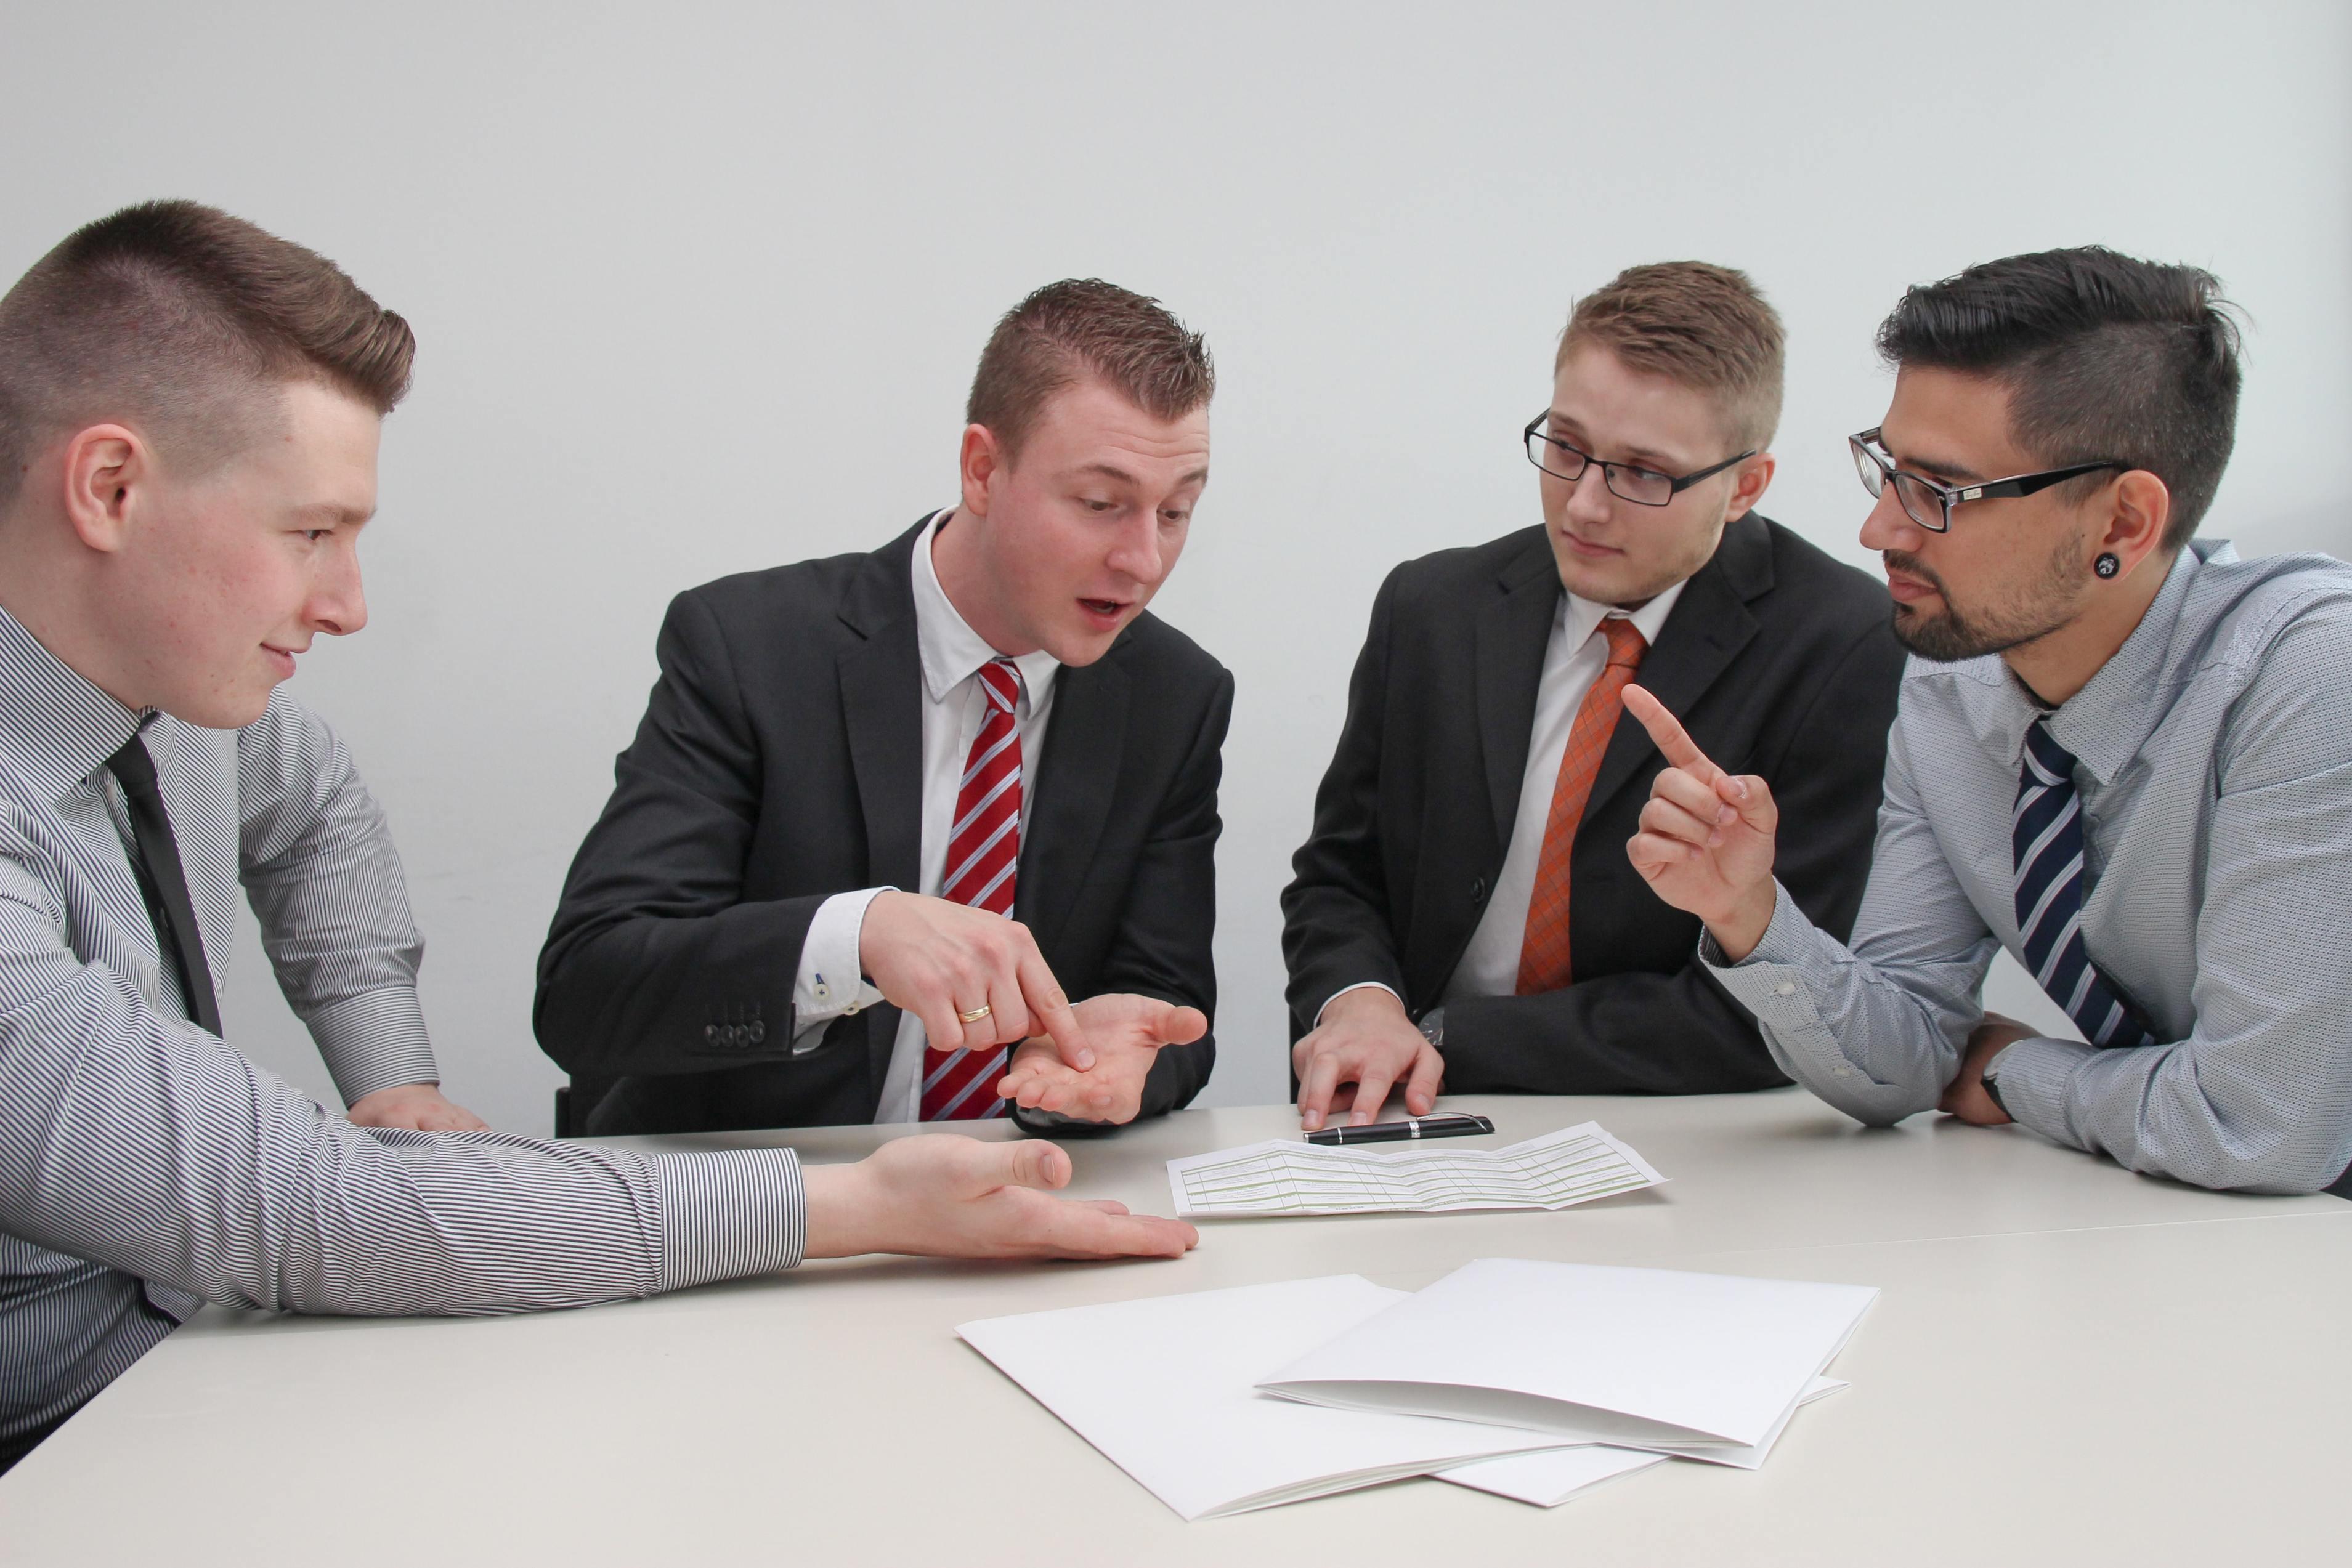 哈佛商學院最受歡迎的談判課 3招談判術成功創造雙贏局面